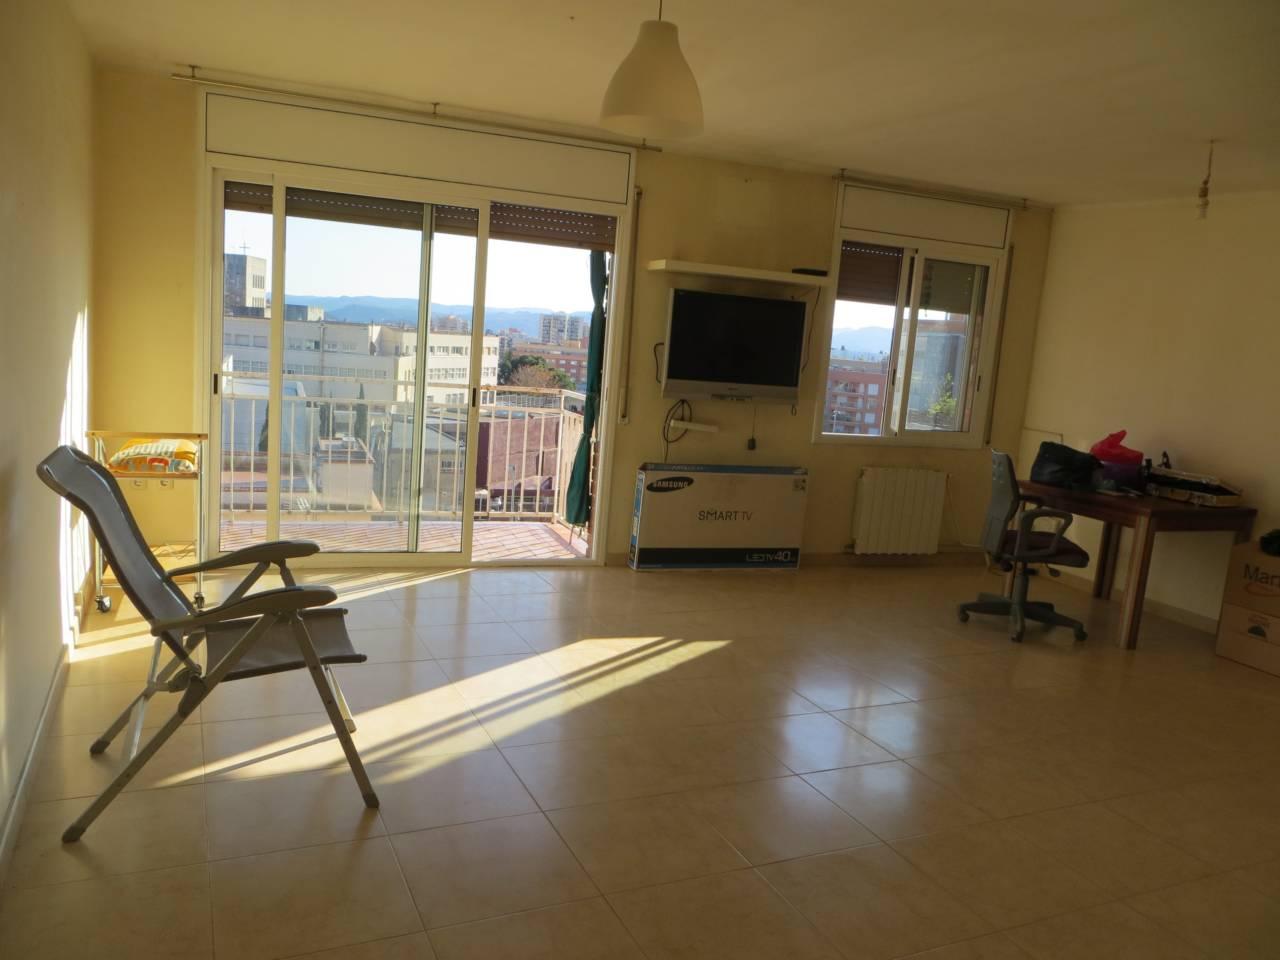 Piso  Josa. Conservado sup. 98 m²,  3 habitaciones (2 dobles,  1 ind.),  1 b